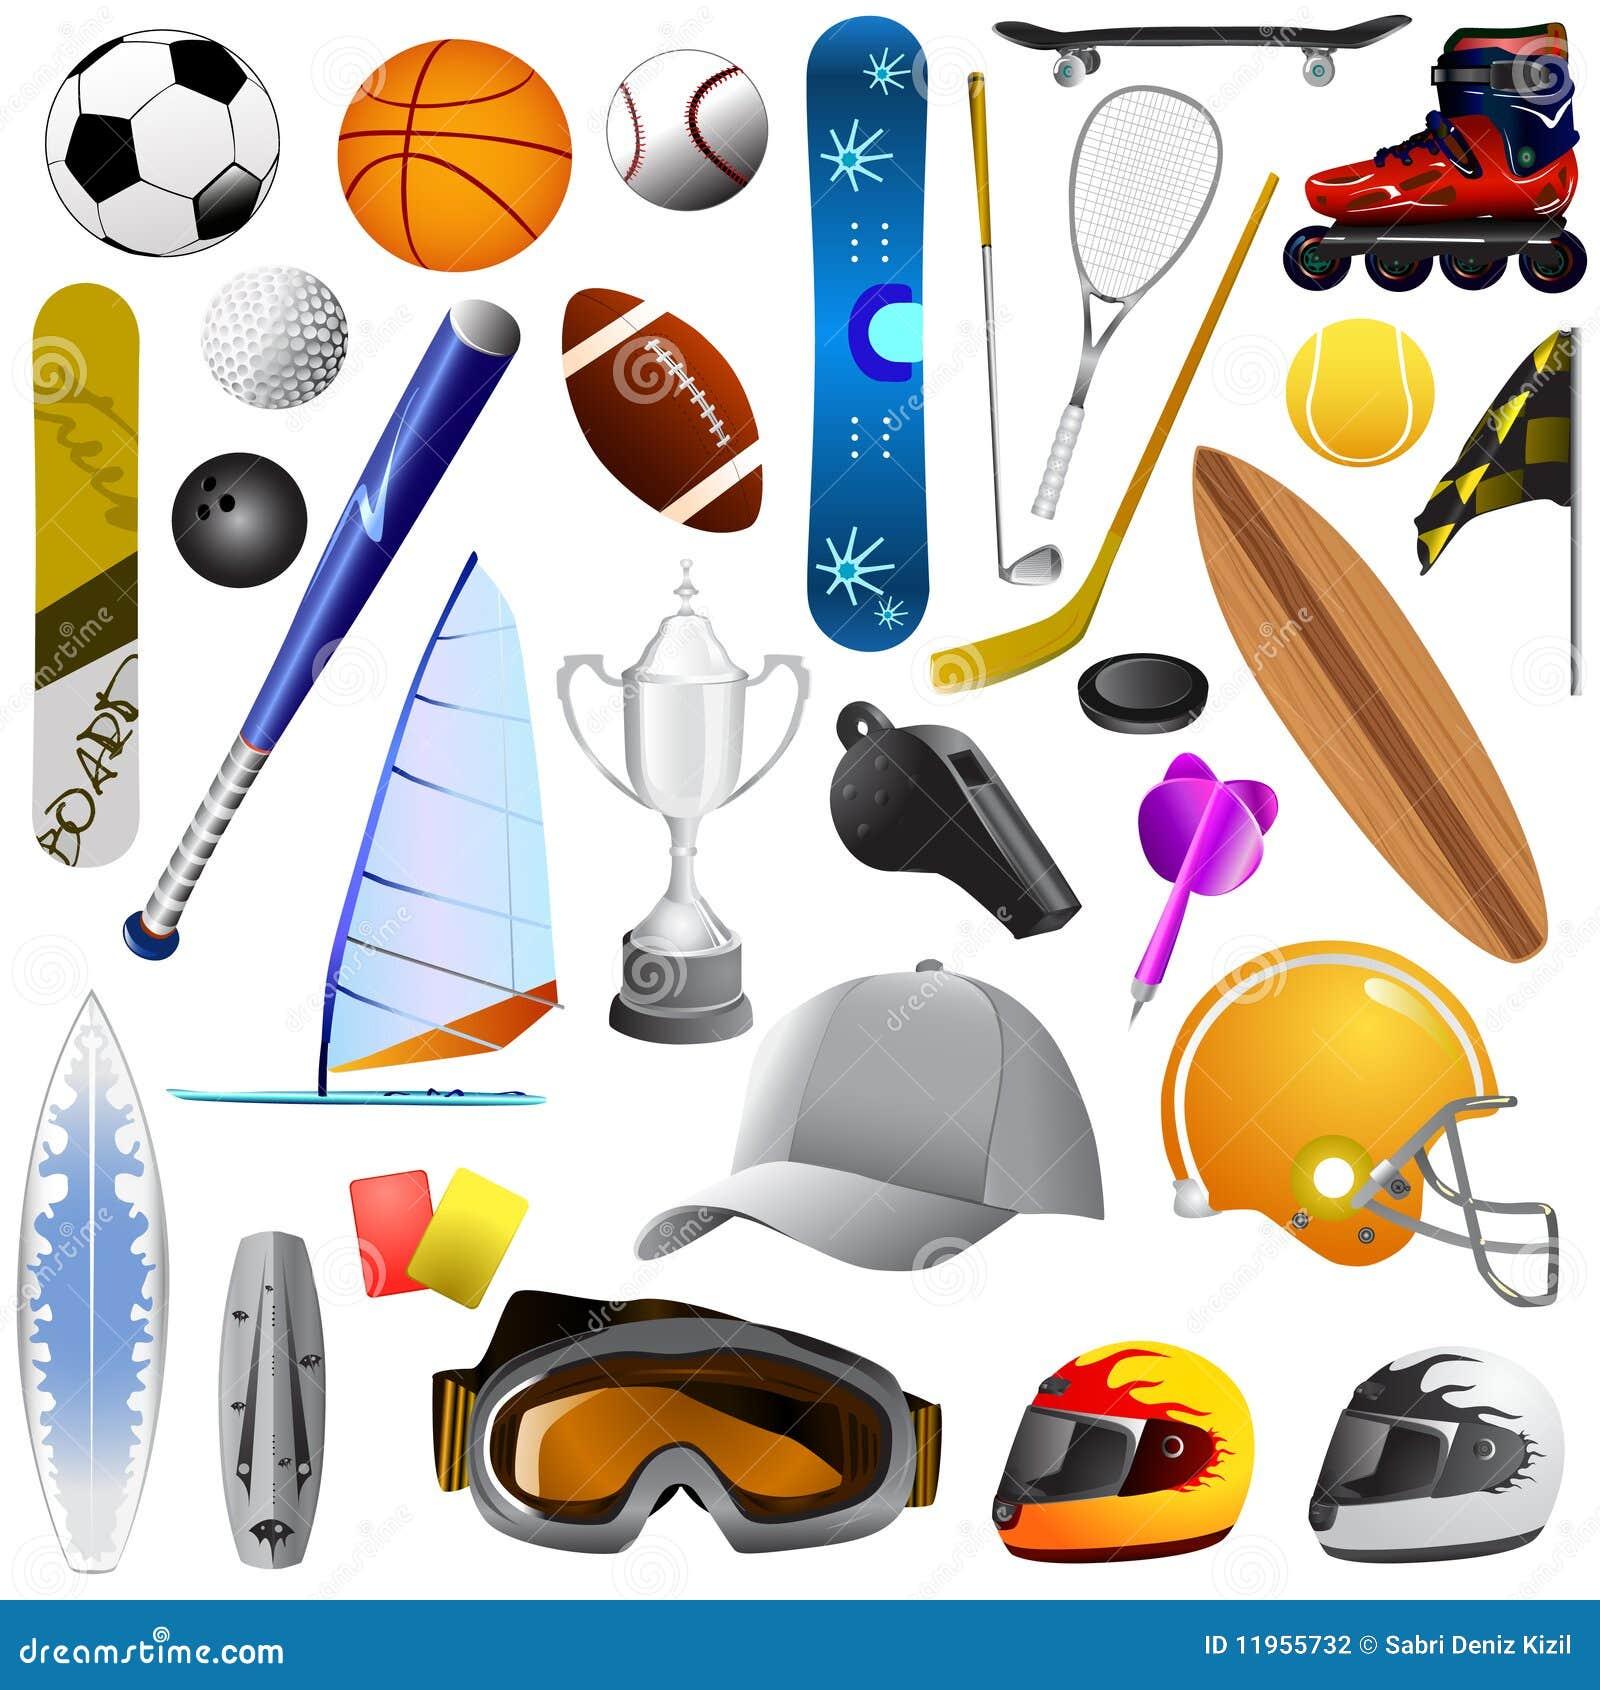 oggetti illustrazioni vettoriali e clipart stock – (  - grande insieme degli oggetti di sport fotografia stock